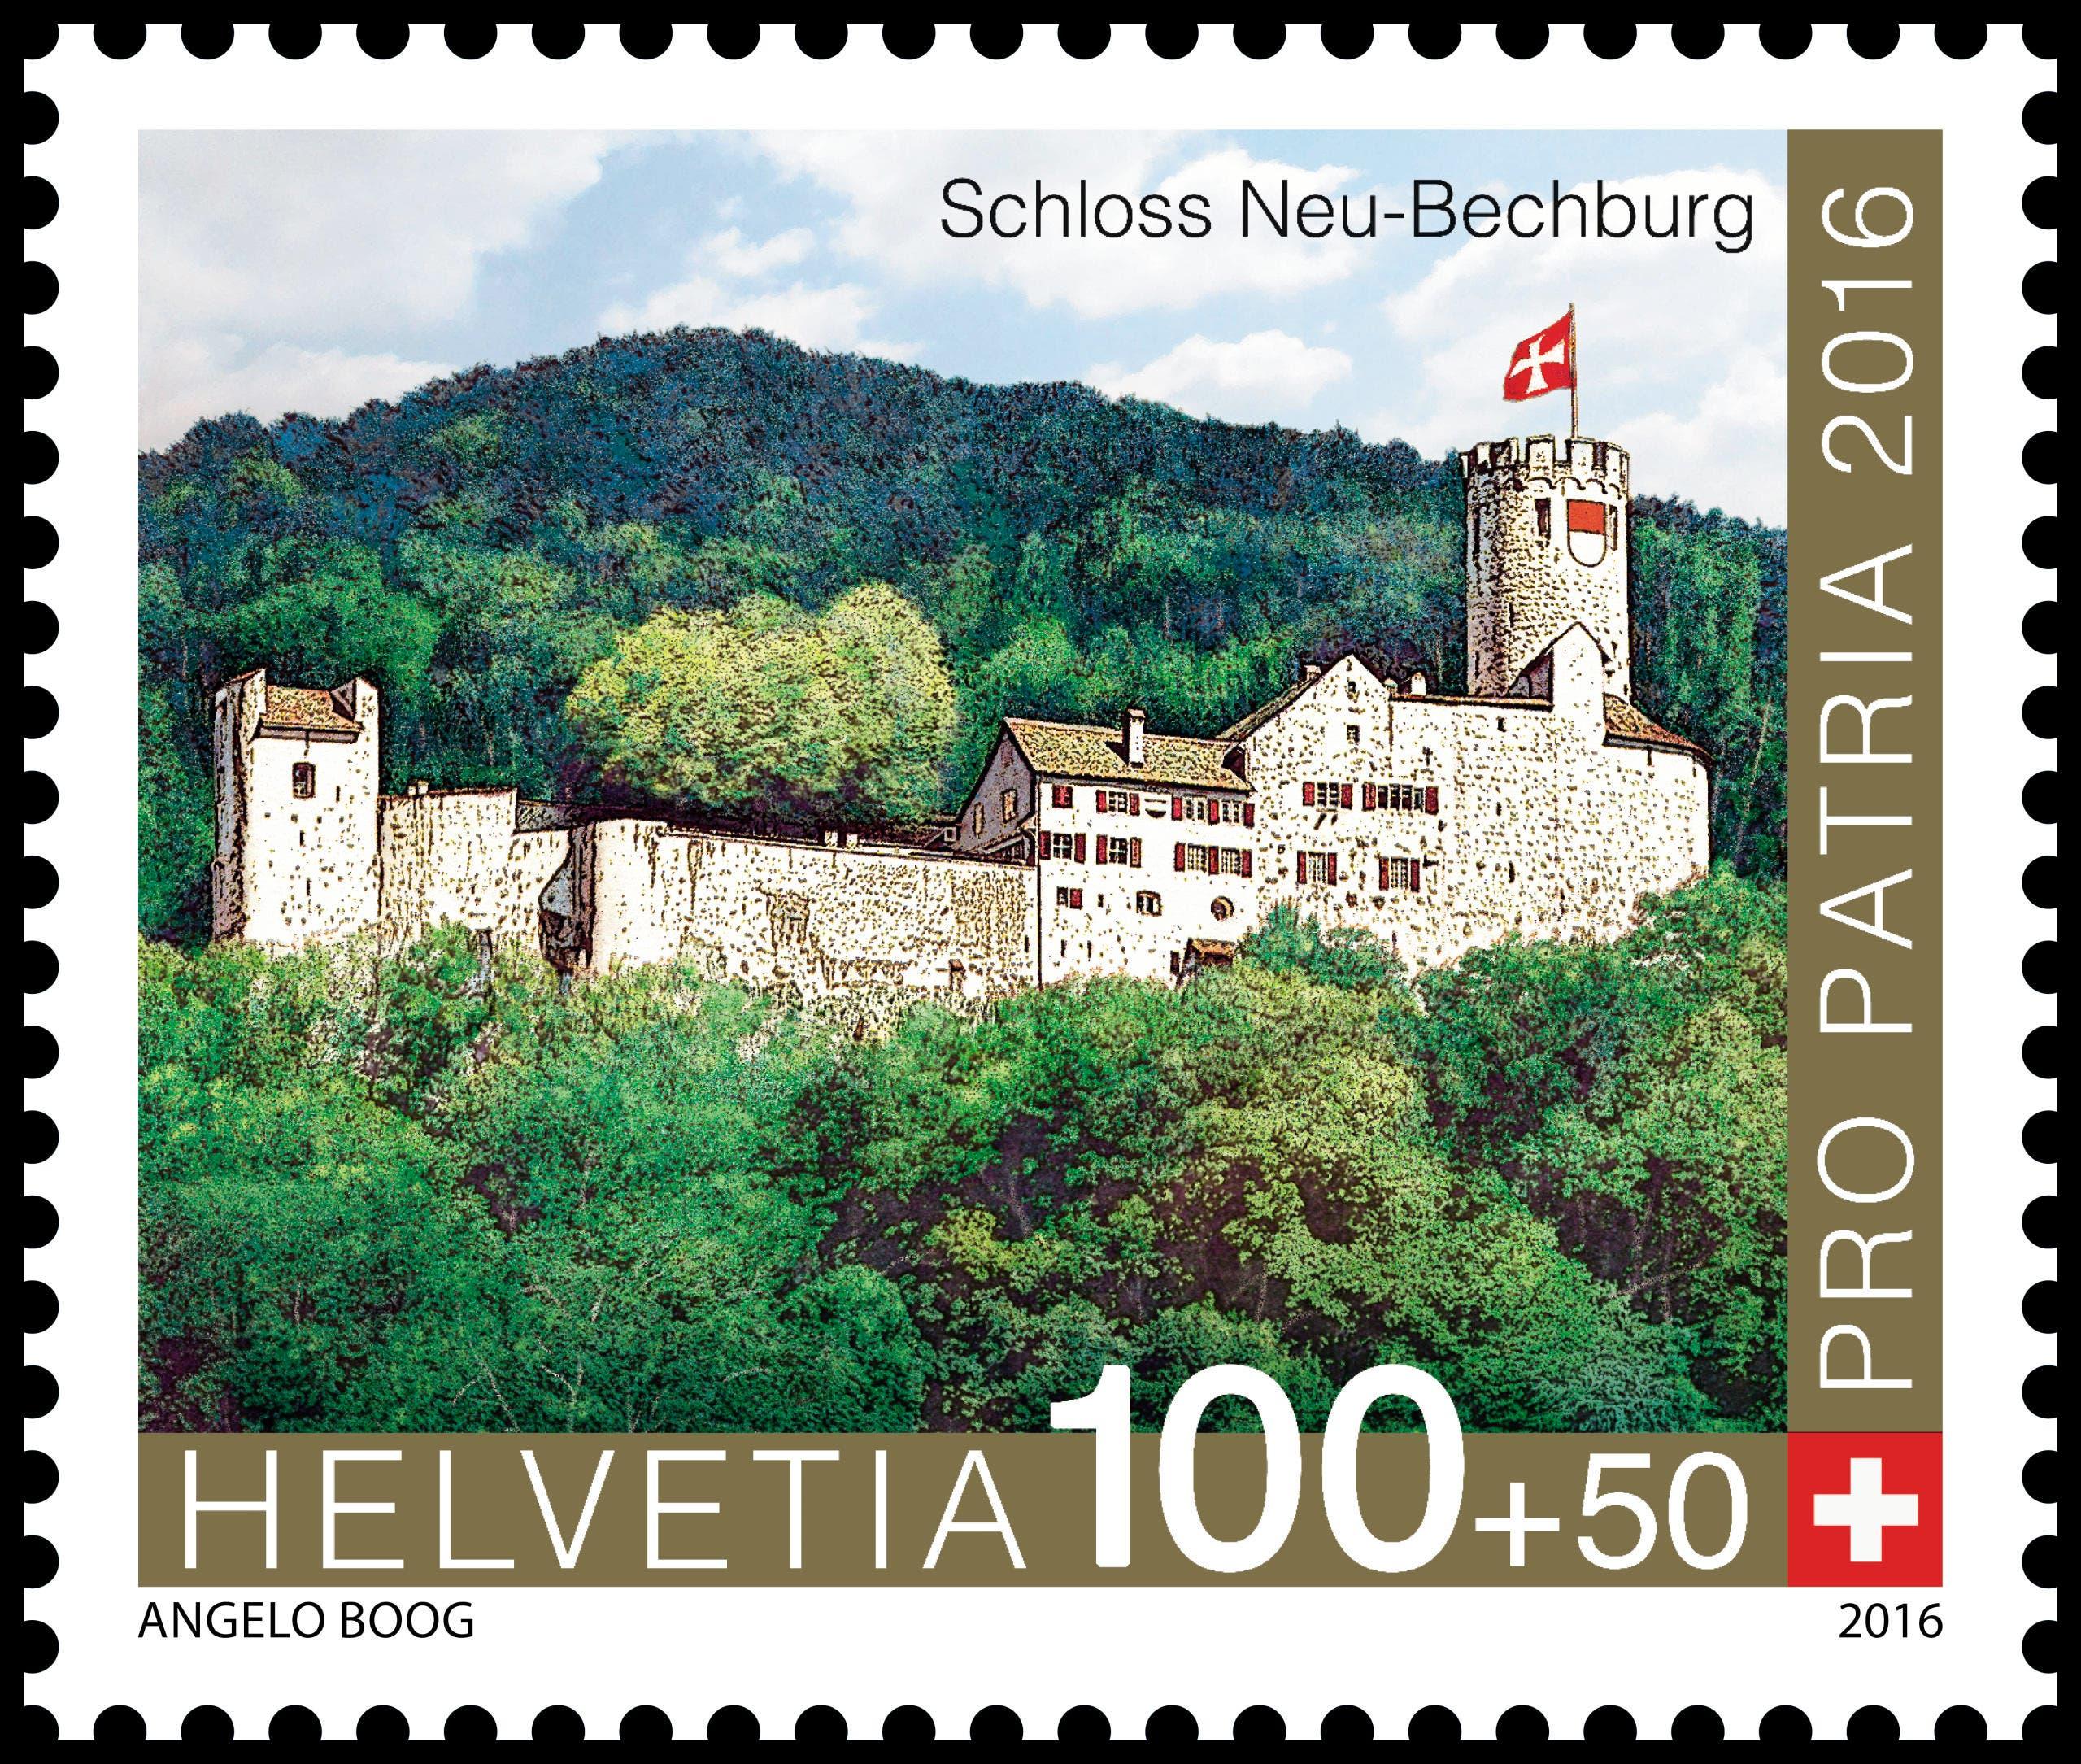 «Schloss Neu-Bechburg Oensingen» à CHF 1.00 + 0.50 (Bild: Die Post)